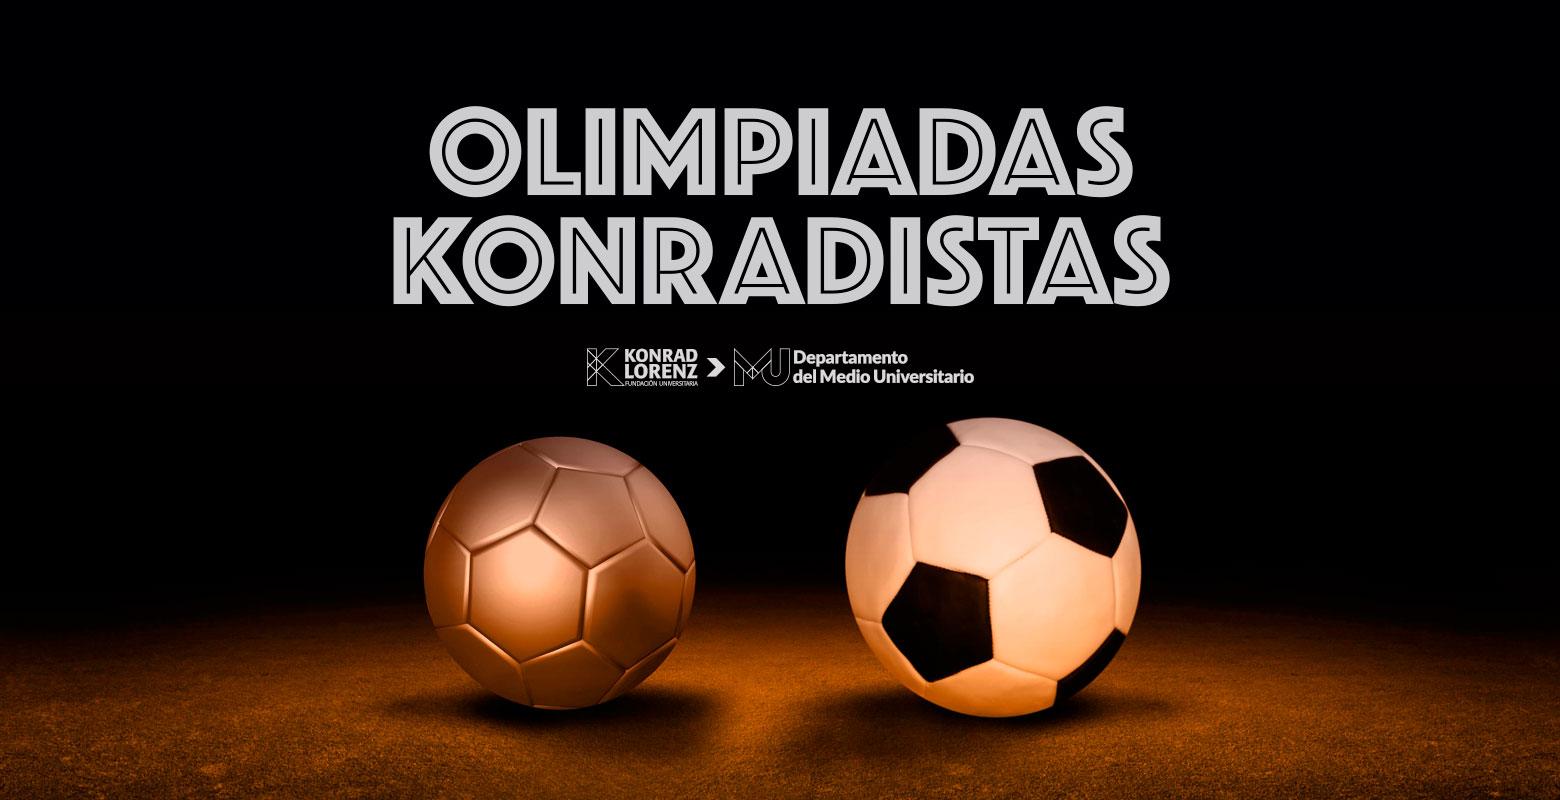 Olimpiadas Konradistas 2018-2